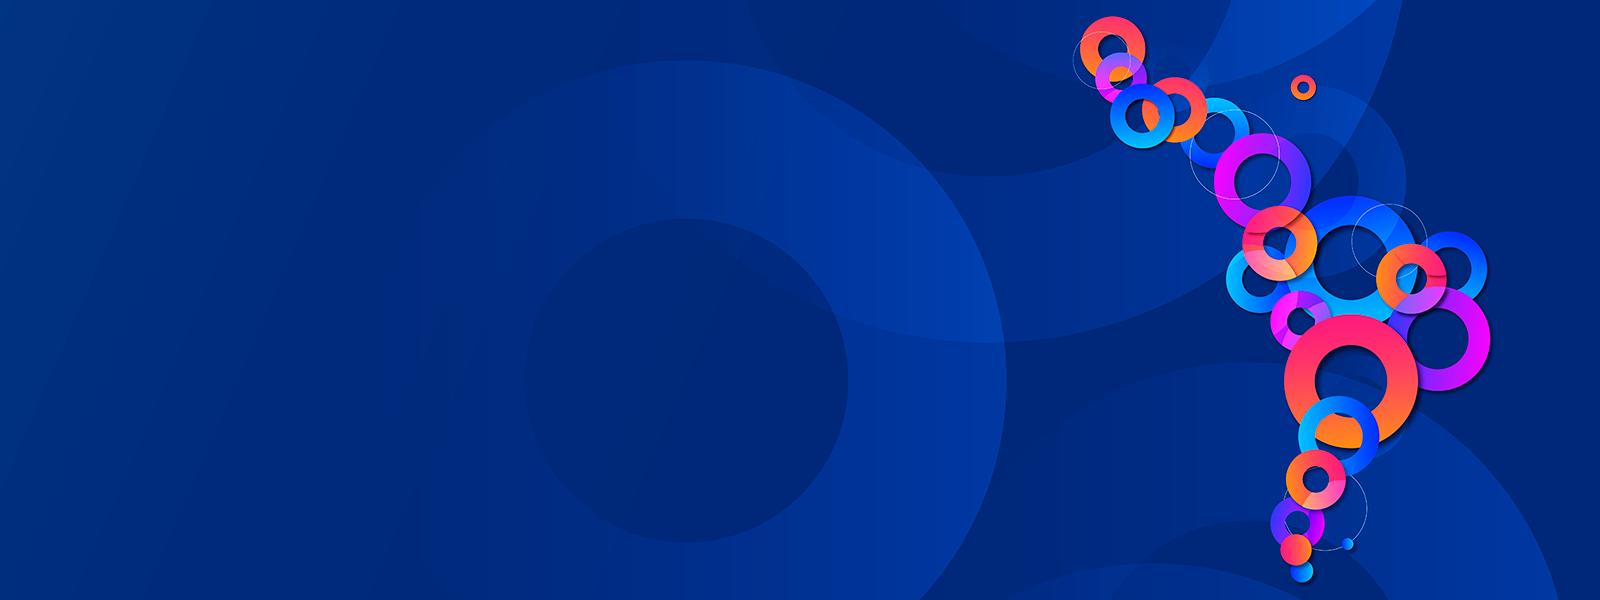 """Logo de Latinoamérica formado por anillos de colores y el texto """"Latam Virtual Partner Connection. Explora. Aprende. Conecta"""""""